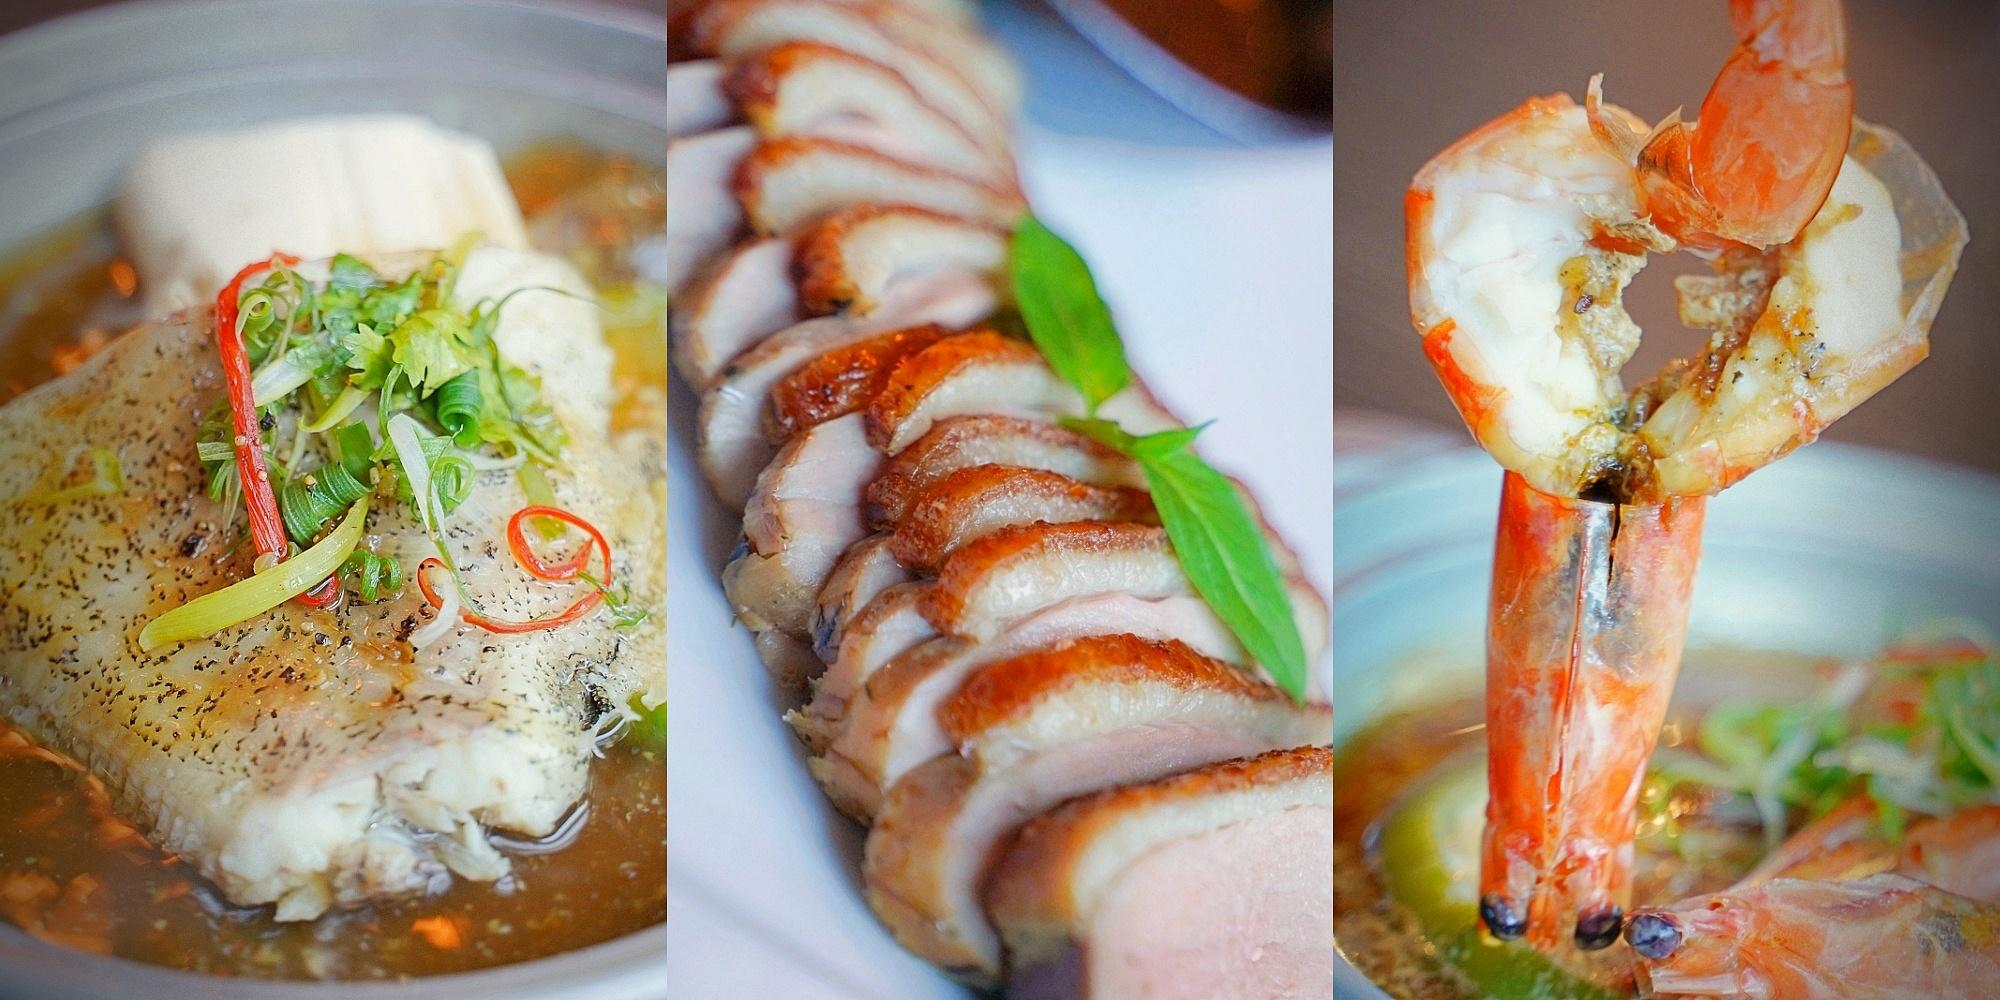 宜蘭頭城美食|石港春帆ShigangChunfan|宜蘭烏石創意海鮮料理 |烏石港衝浪大吃海鮮好選擇(菜單、價格)